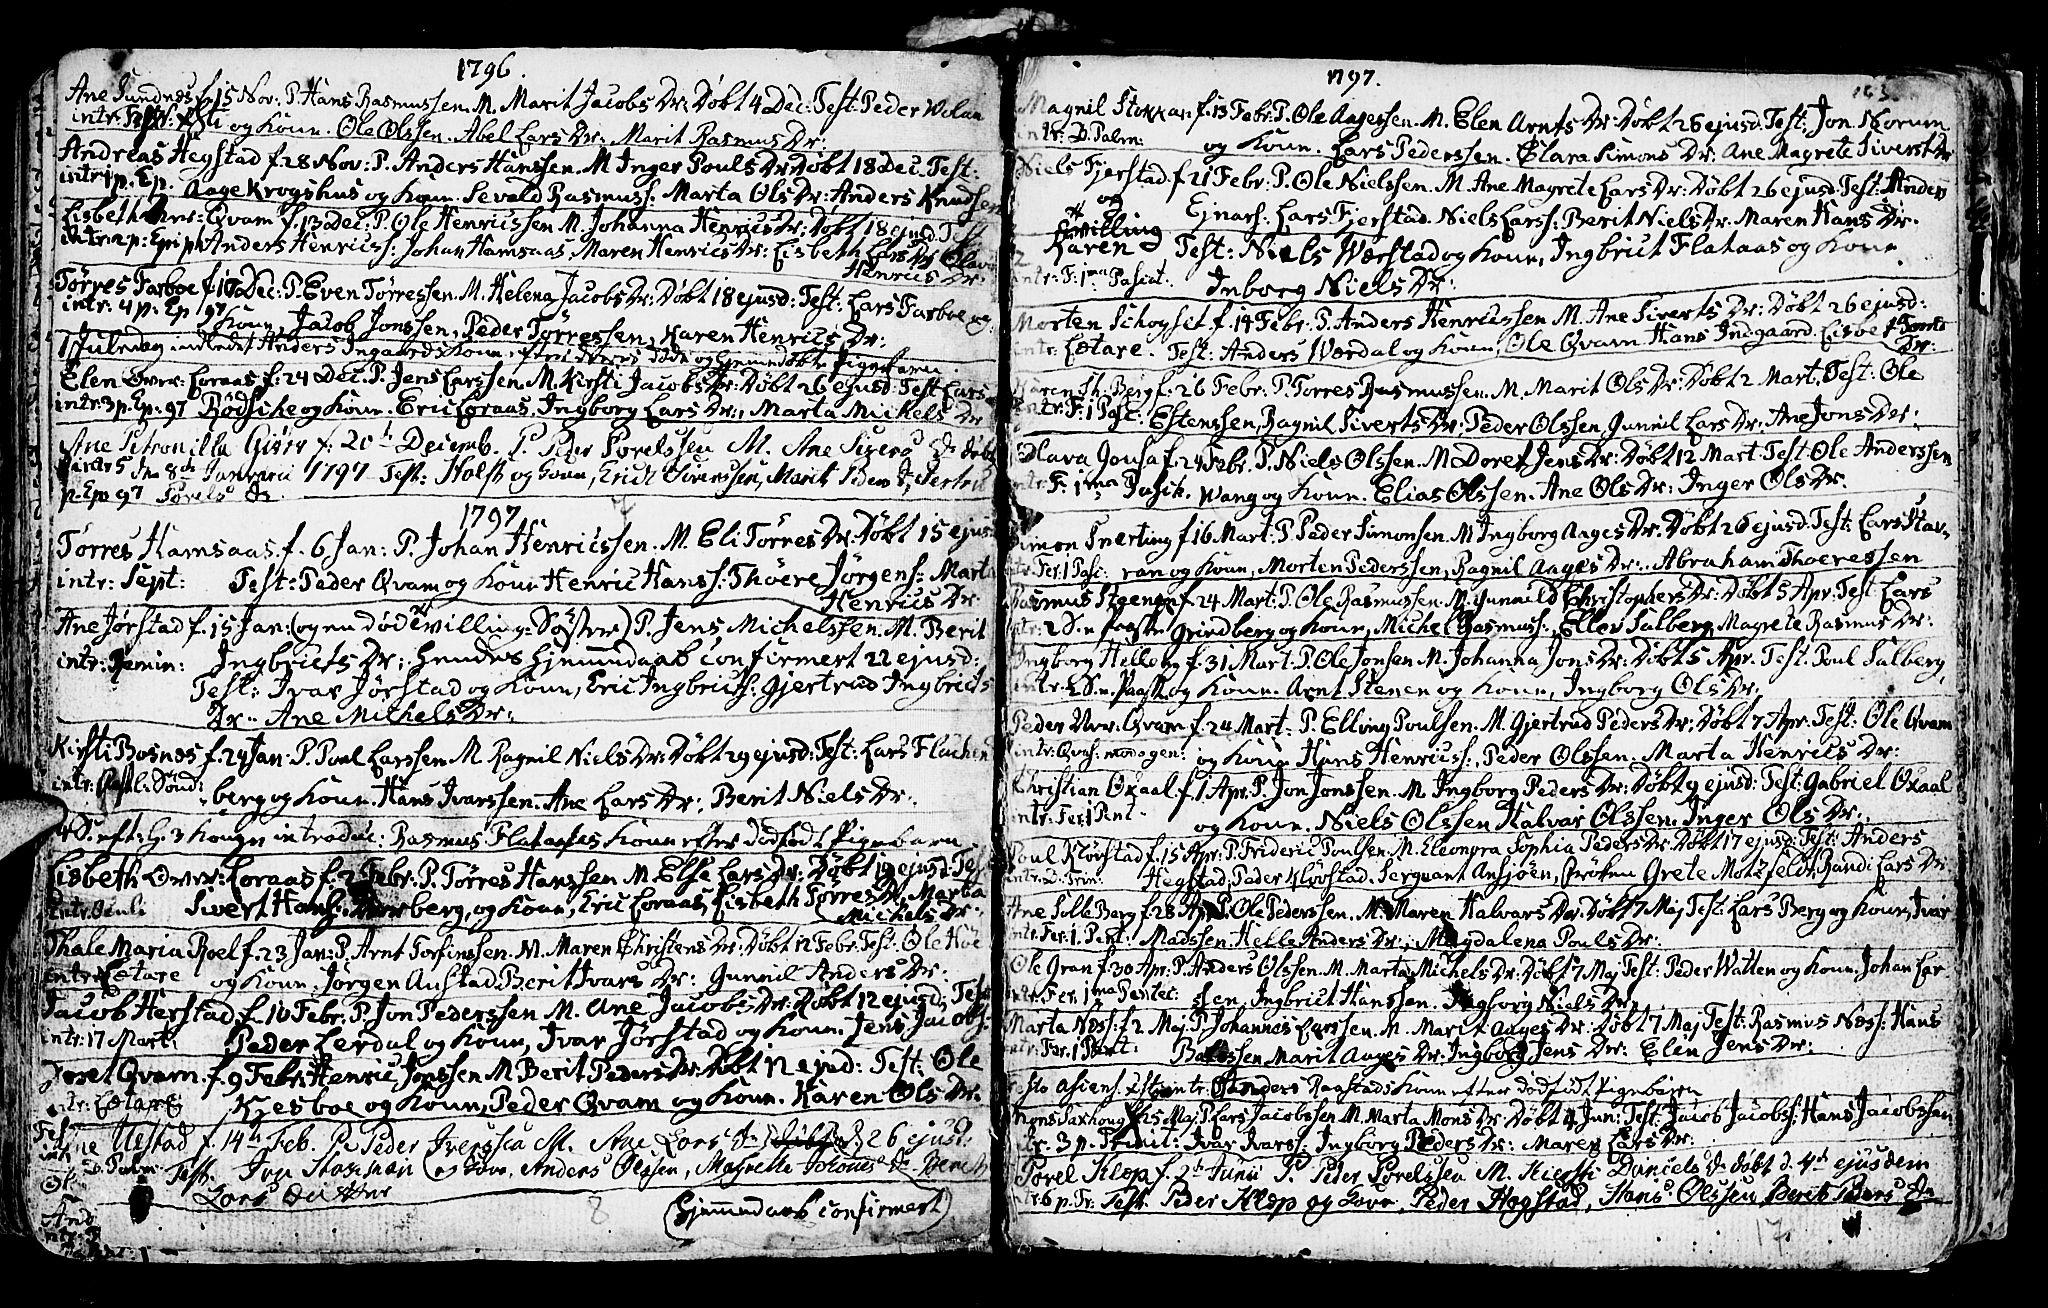 SAT, Ministerialprotokoller, klokkerbøker og fødselsregistre - Nord-Trøndelag, 730/L0273: Ministerialbok nr. 730A02, 1762-1802, s. 163